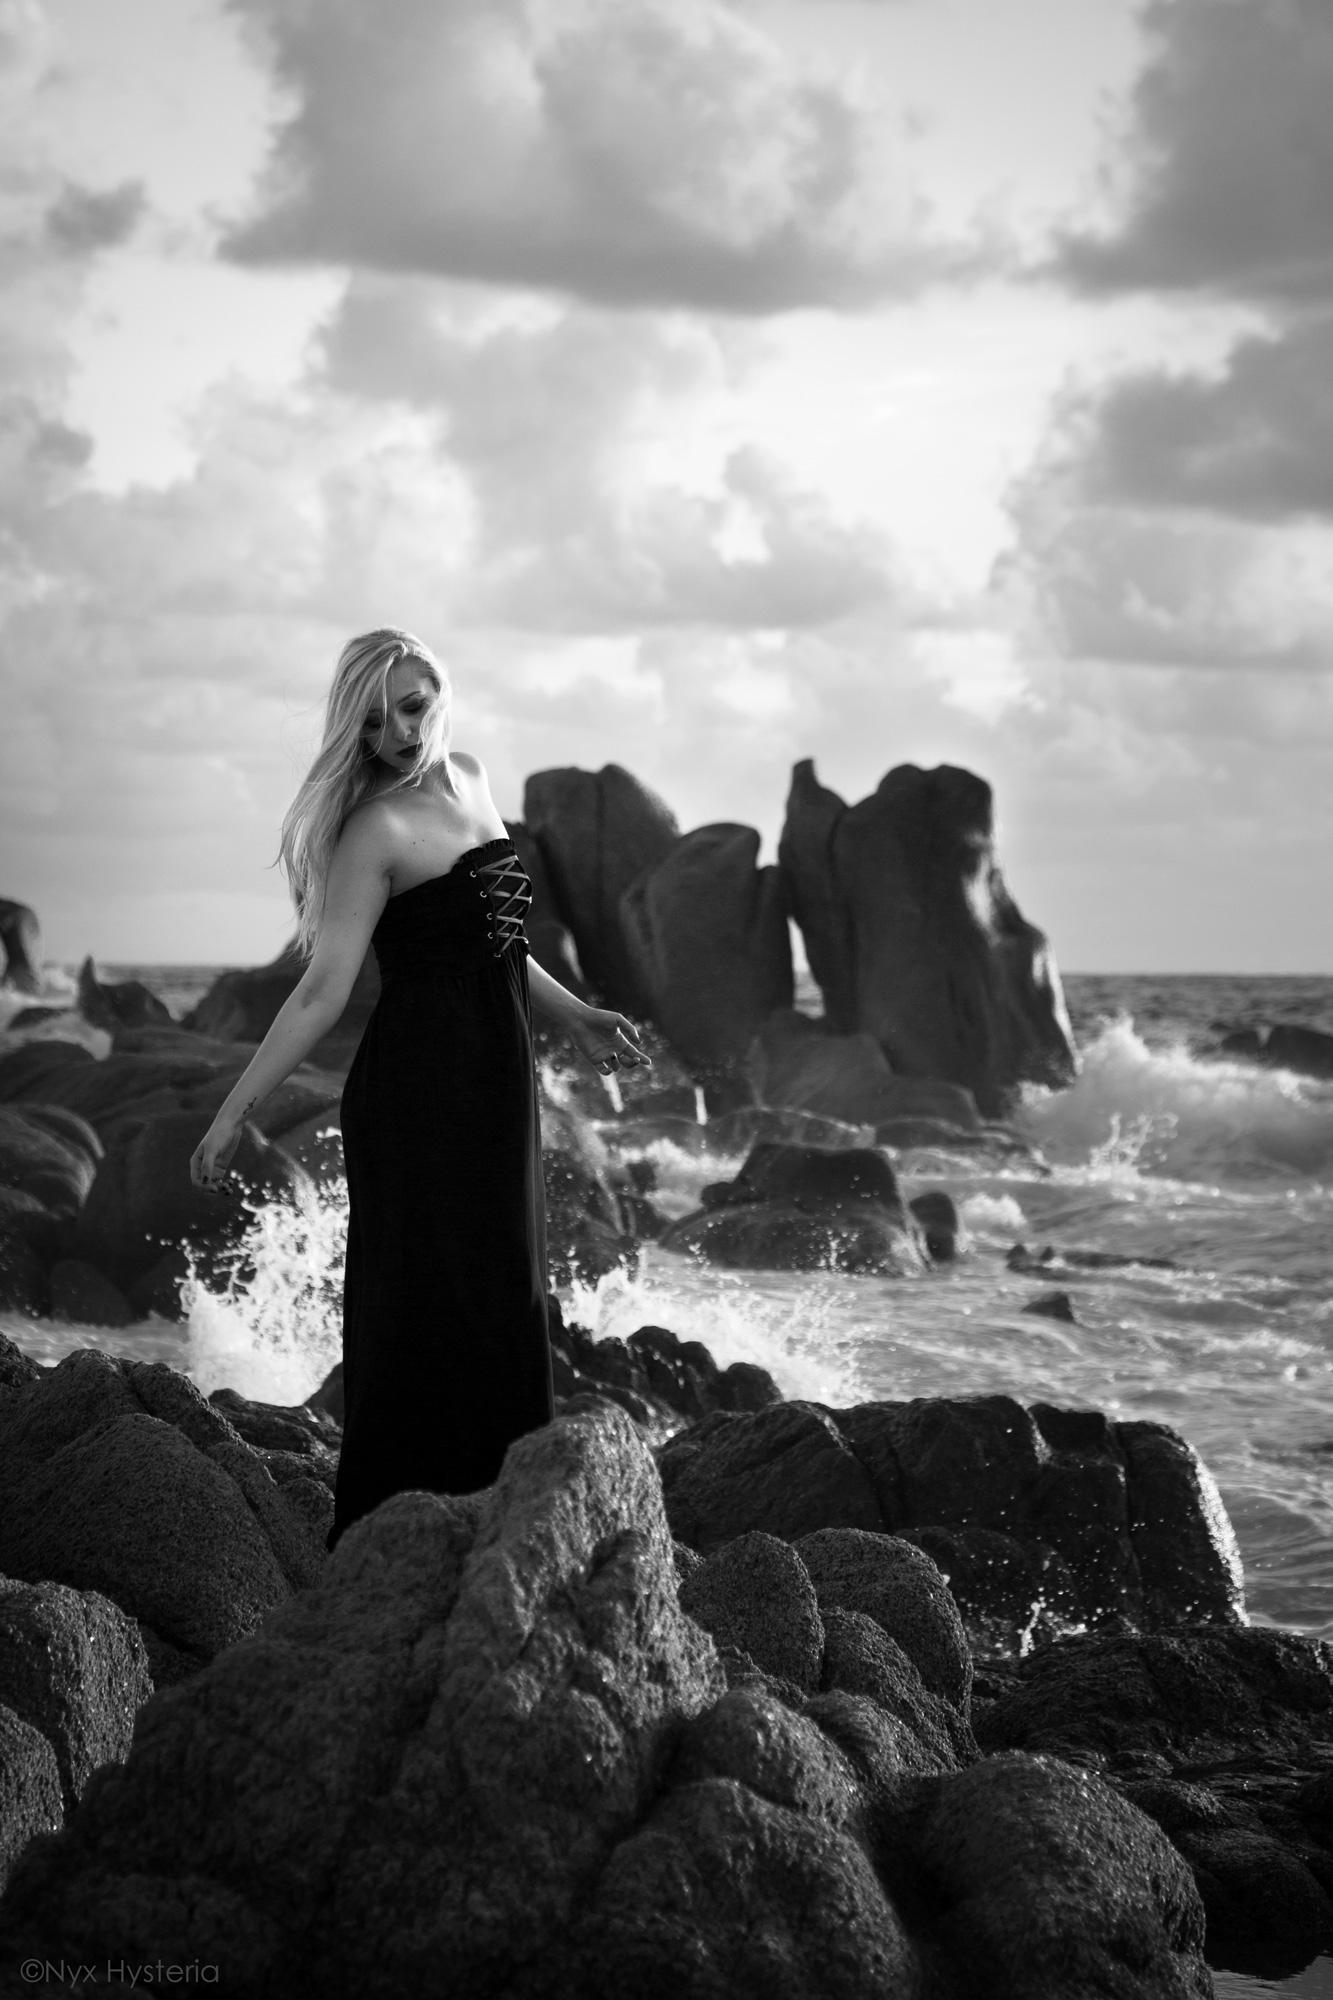 Nö Eelys modèle alternative Paris, Nyx Hysteria photographe, Le Boudoir de Nö, portrait gothique mer océan vent et rochers